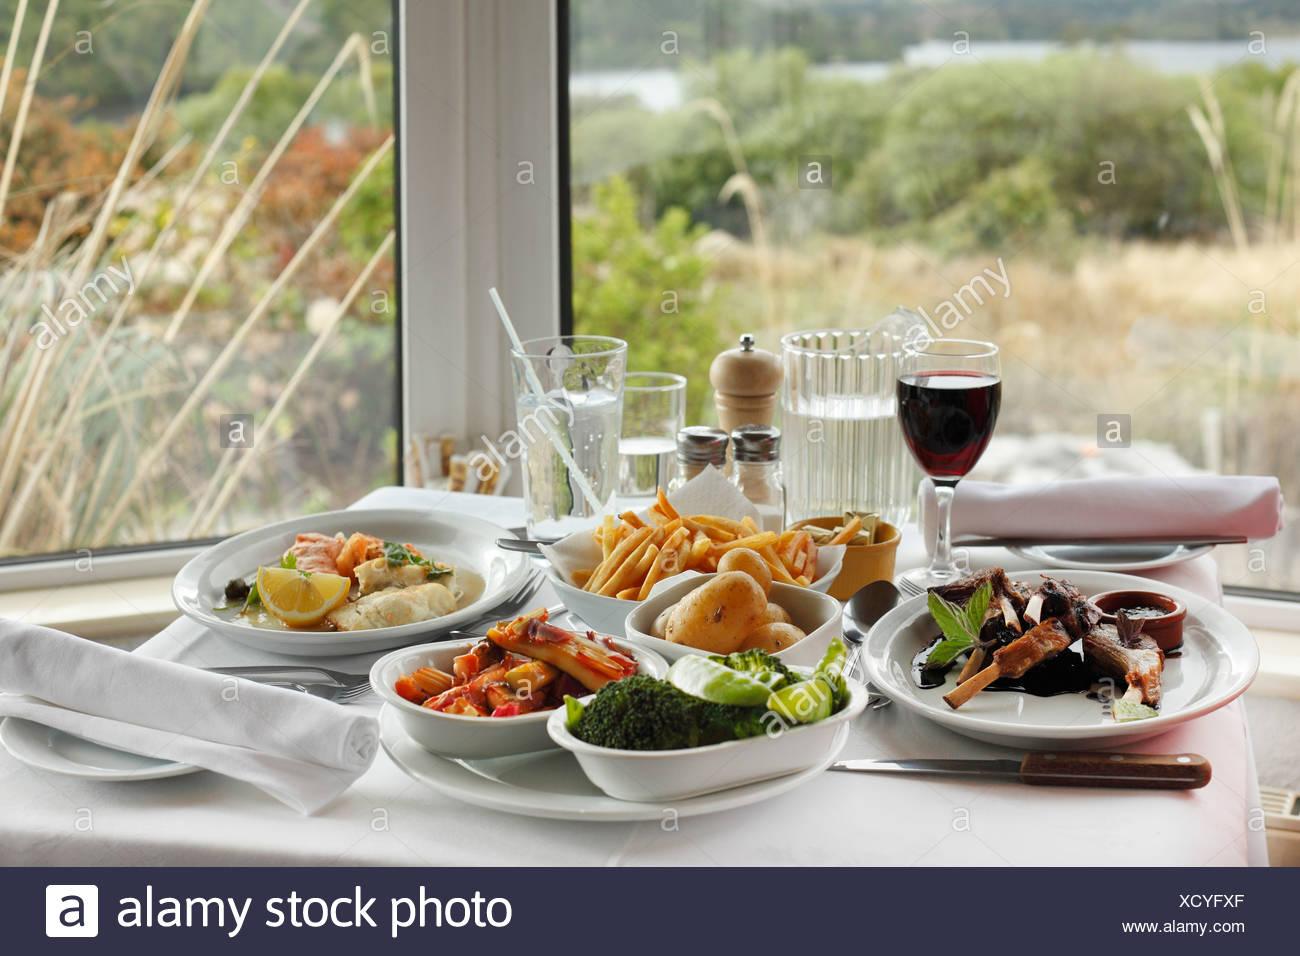 Abendessen mit Lammkoteletts und Rotwein, Josie Lakeview House, Beara Halbinsel, County Kerry, Irland, britische Inseln, Europa Stockbild